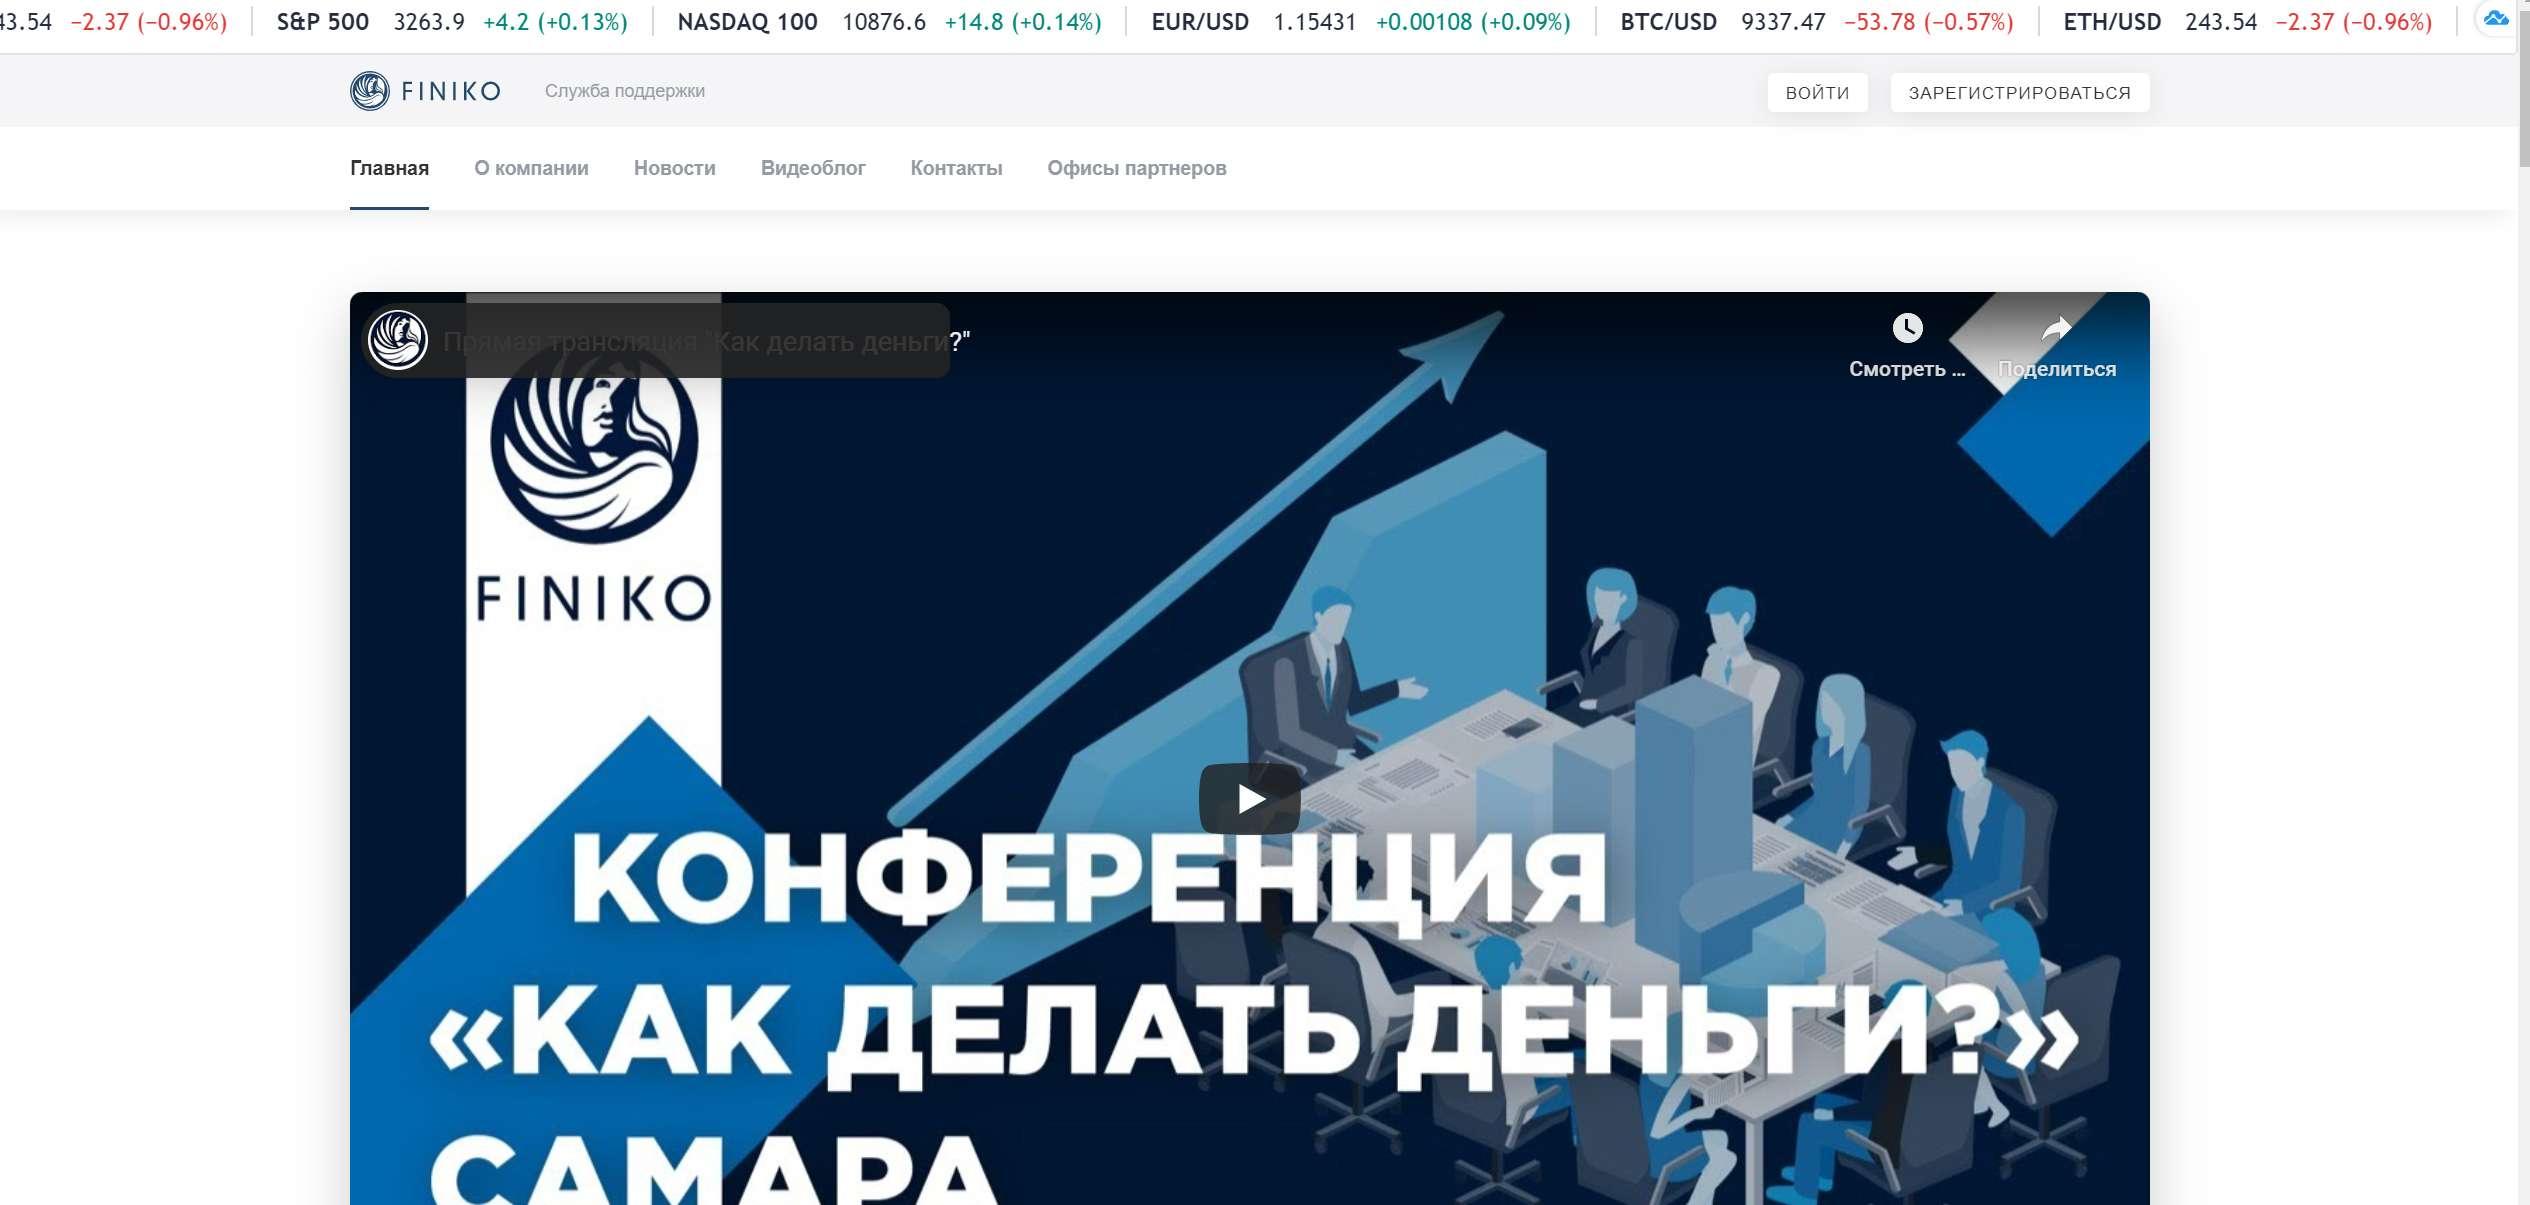 Проект Finiko – инвестиционный проект или хайп? Отзывы и обзор.